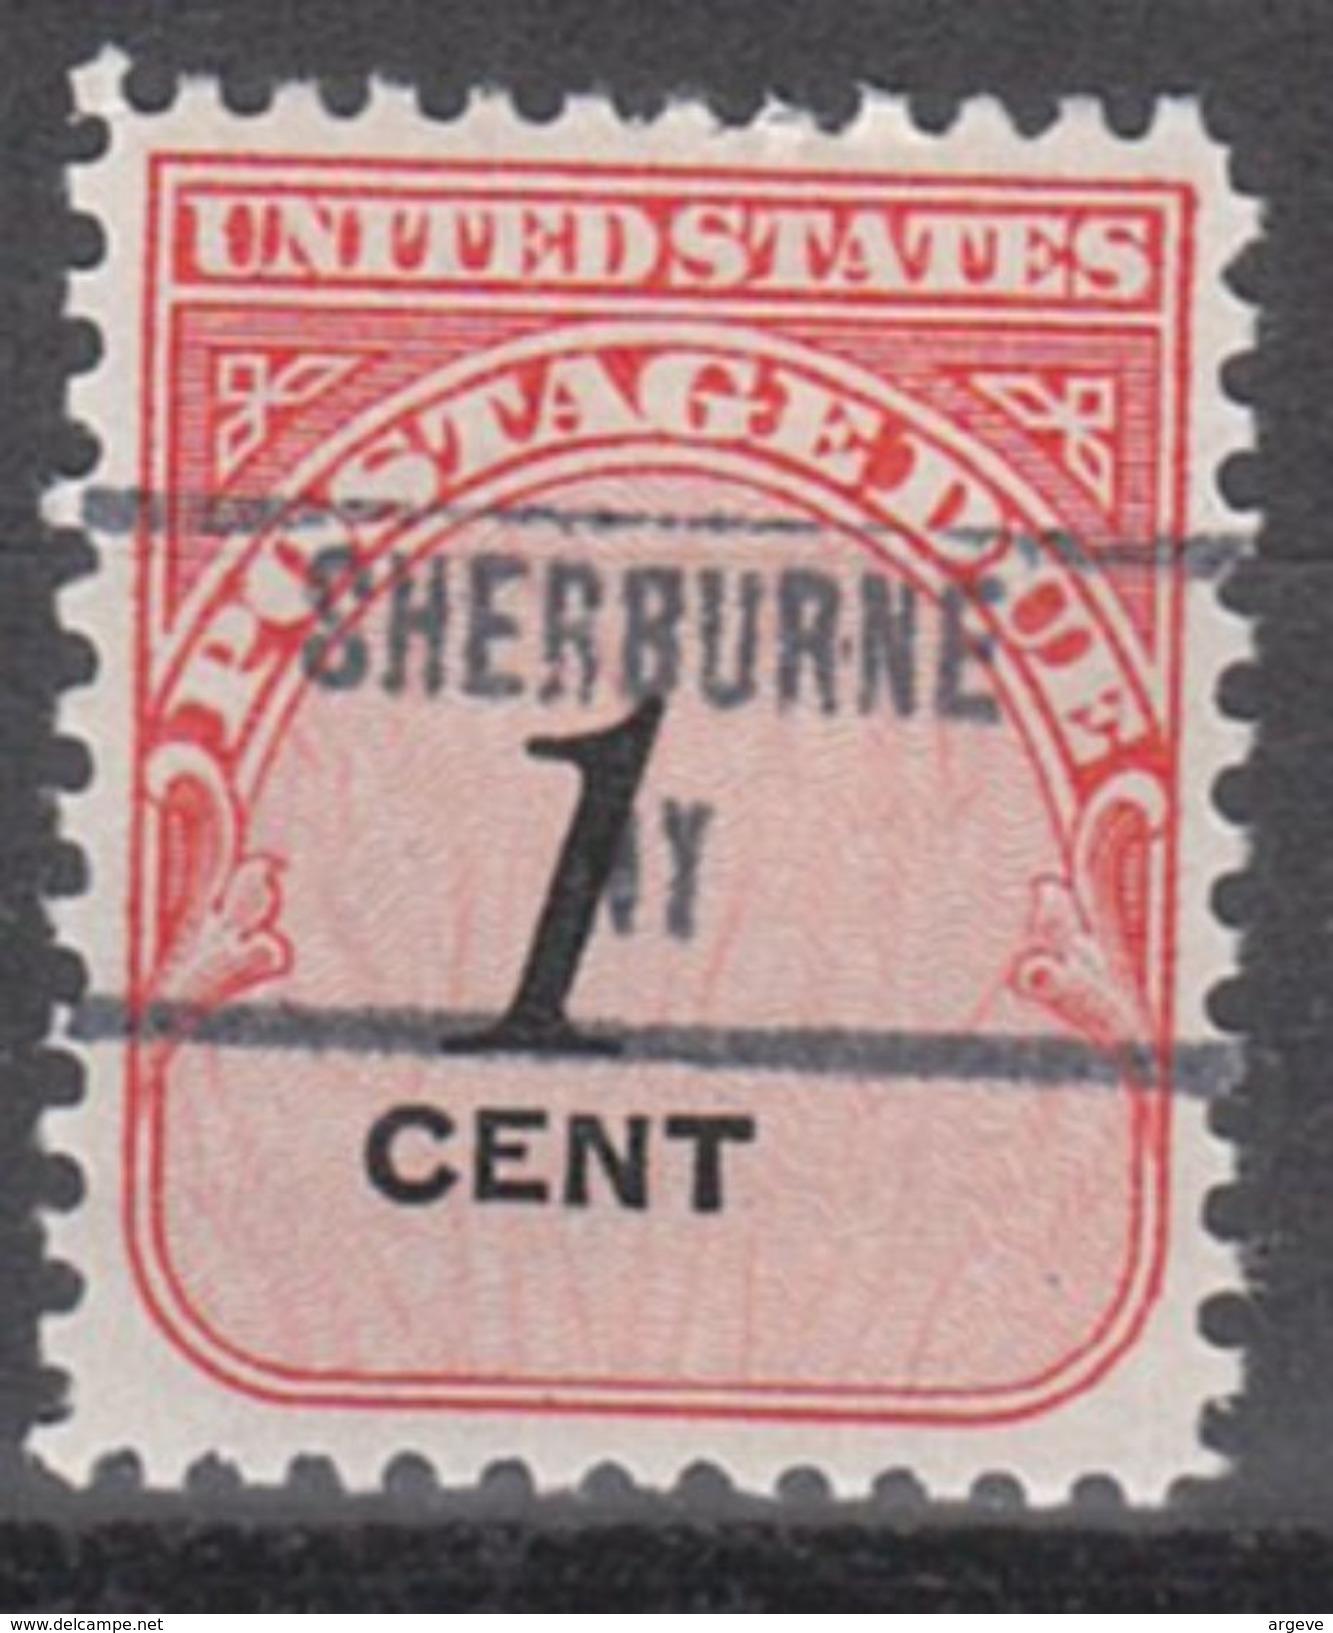 USA Precancel Vorausentwertung Preo, Locals New York, Sherburne 853 - Vereinigte Staaten